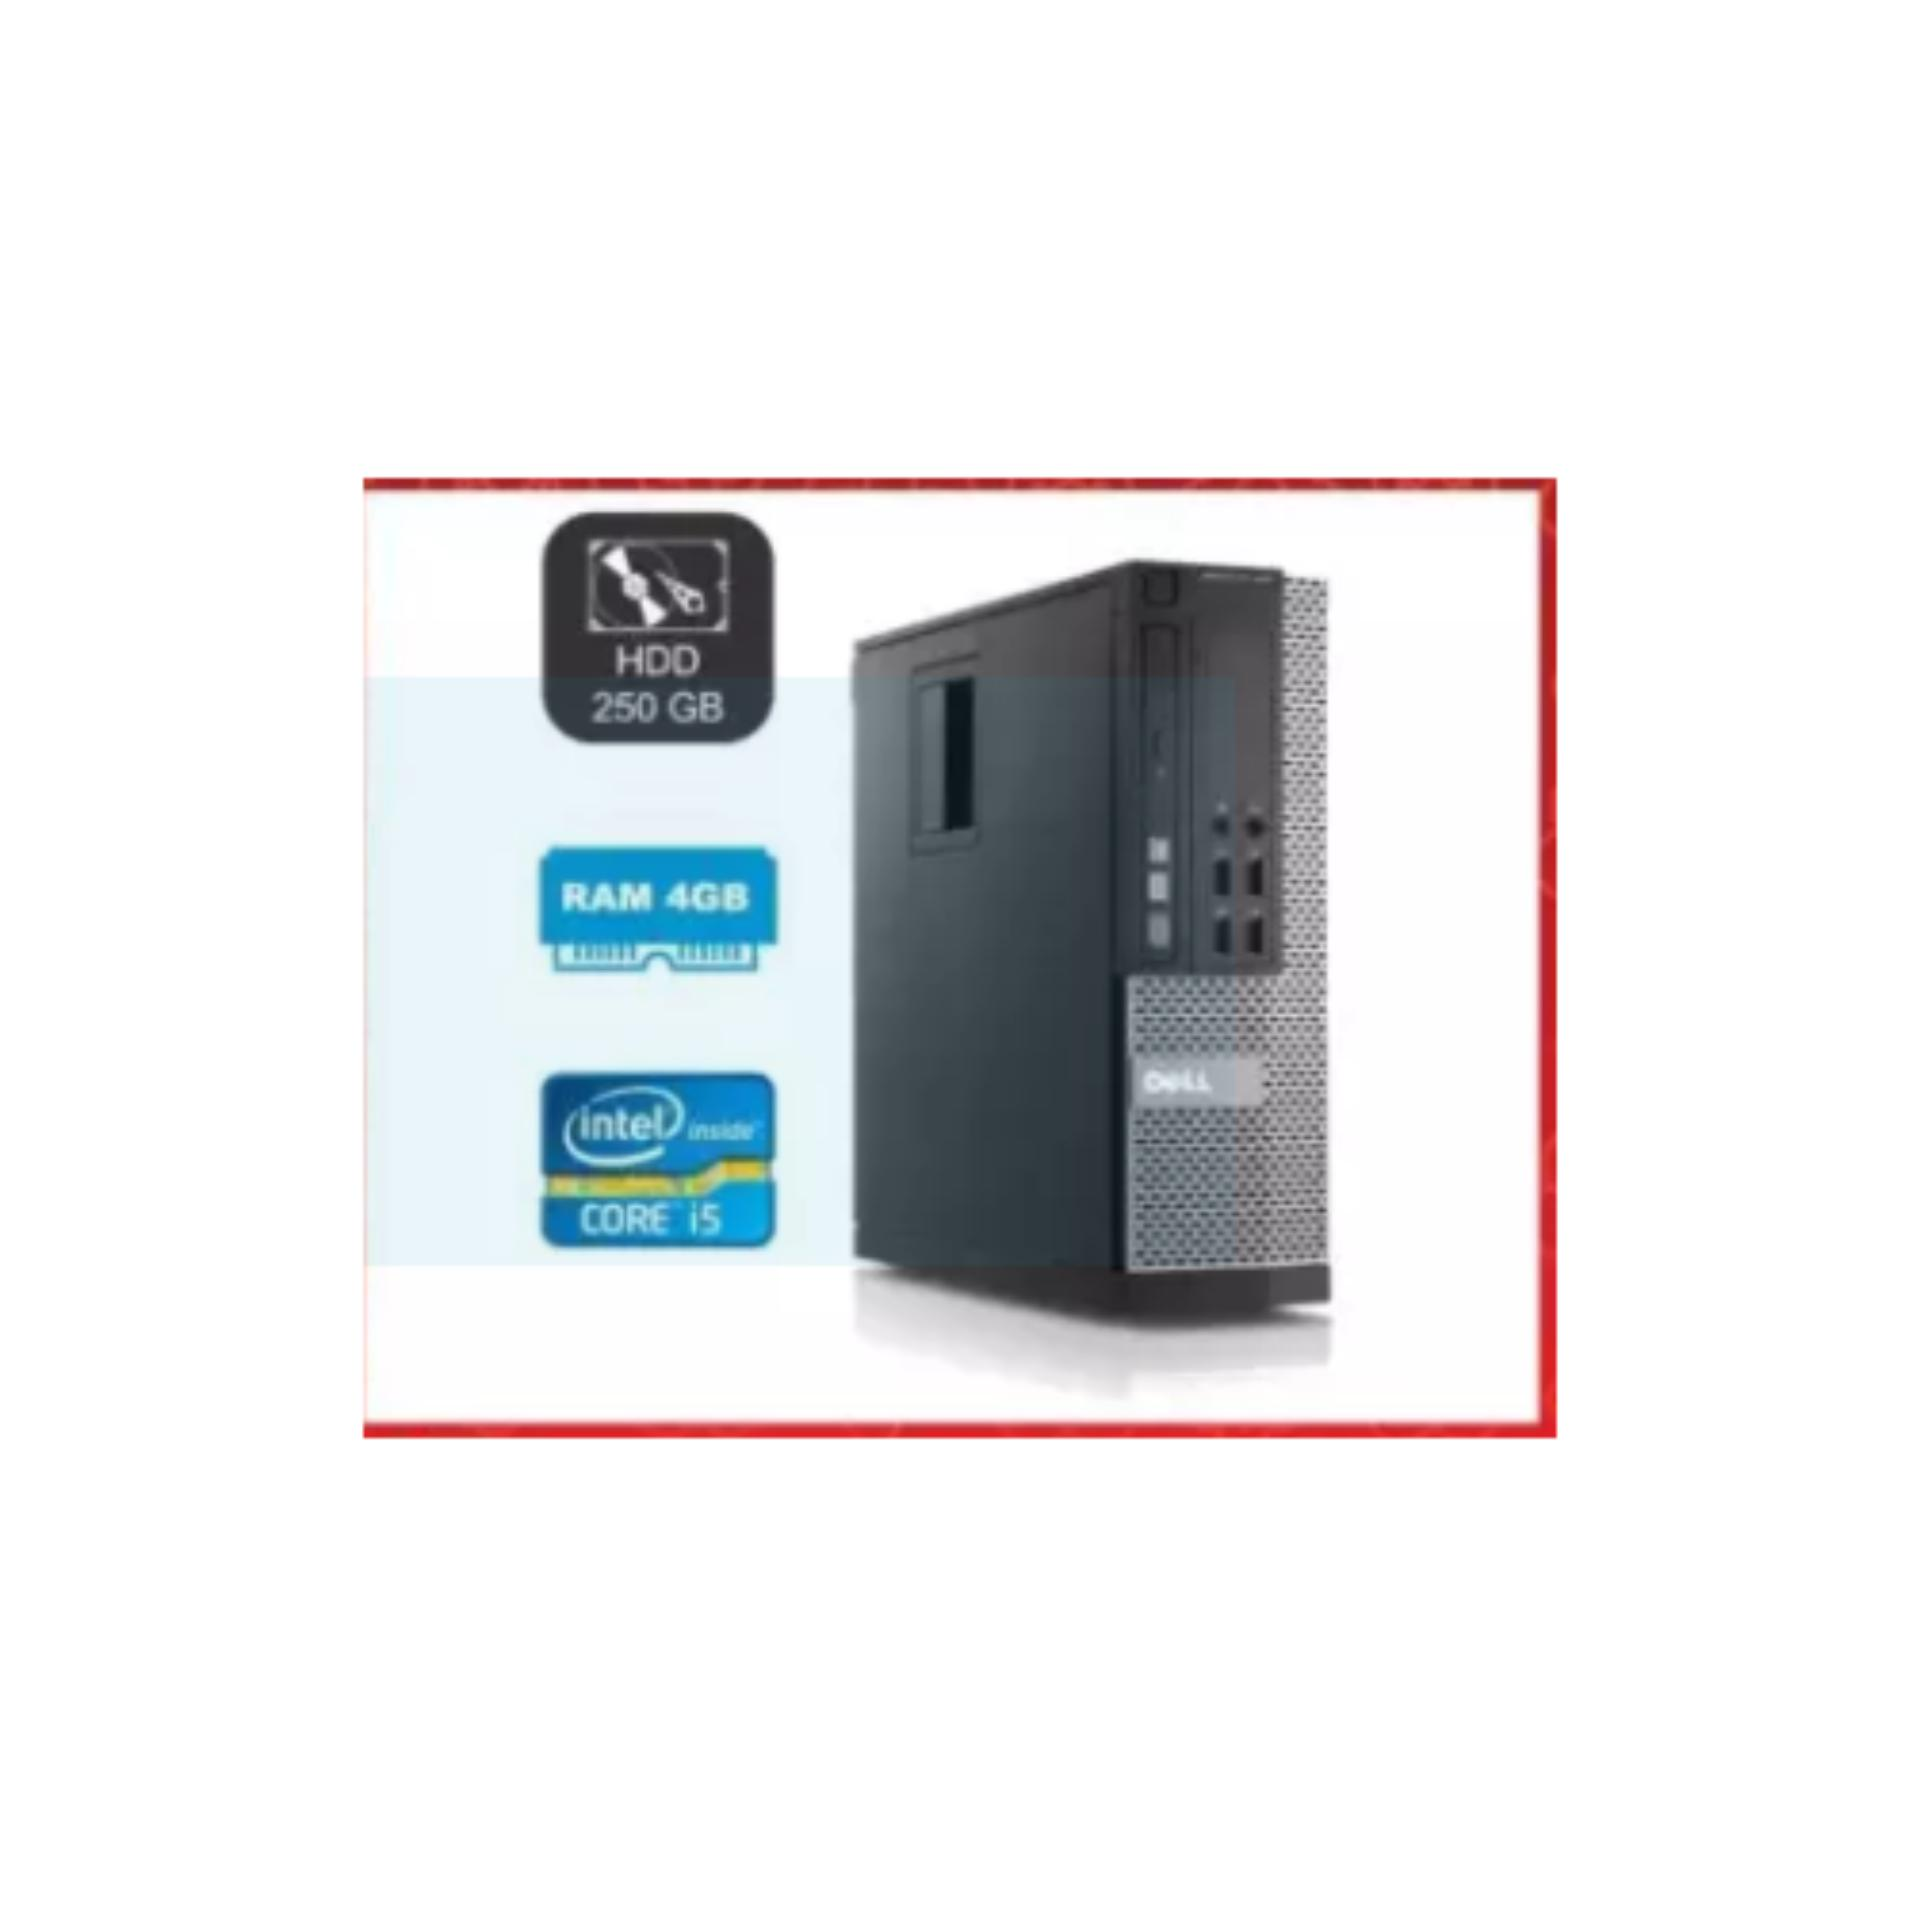 Mã Khuyến Mại May Tinh Đồng Bộ Dell Optiplex 790 Core I5 Ram 4Gb Hdd 250Gb Dell